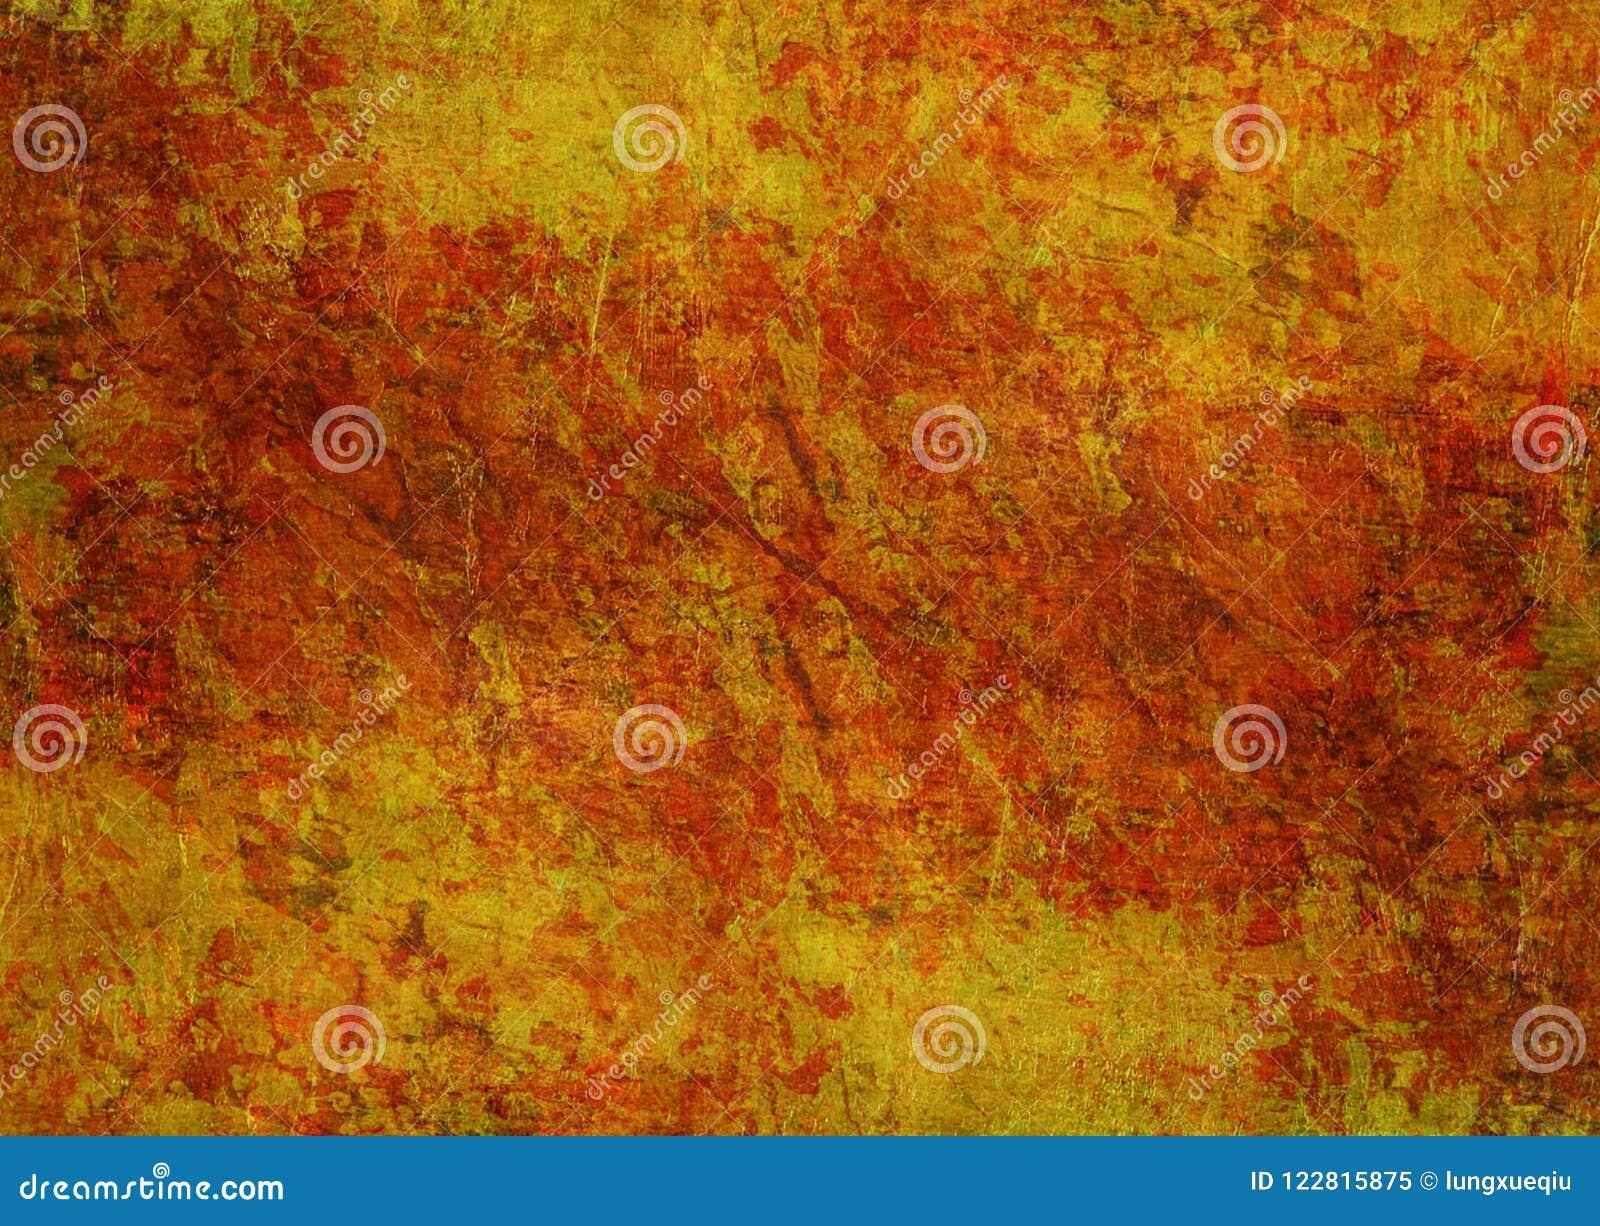 Stenar som målar för apelsinbrunt för mystiker mörk Rusty Distorted Decay Old Abstract för gul röd Grunge textur Autumn Backgroun